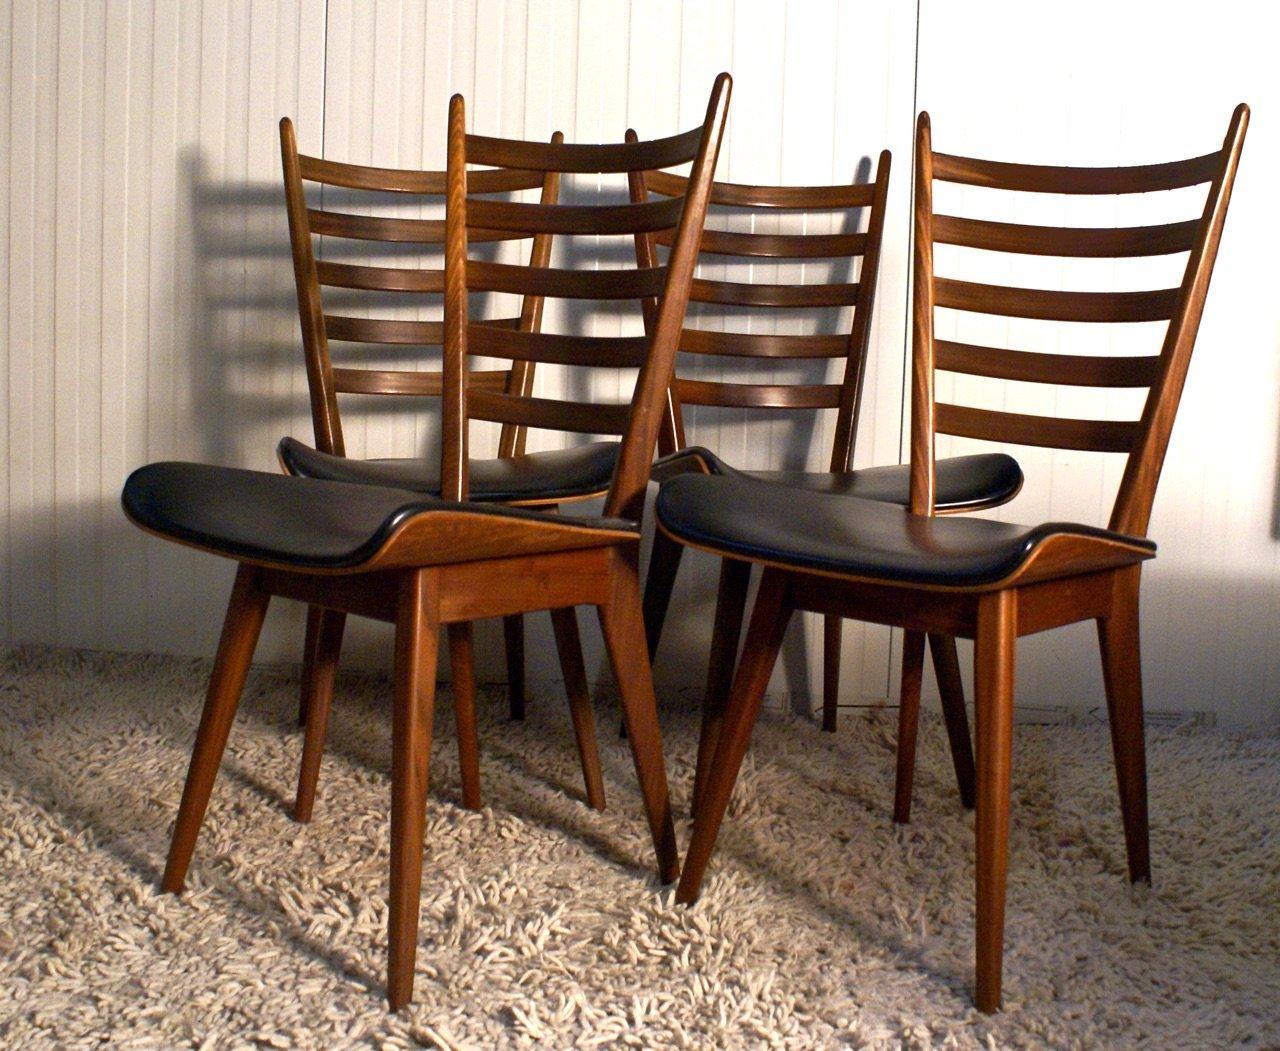 niederl ndische vintage esszimmer st hle aus schichtholz teak 4er set bei pamono kaufen. Black Bedroom Furniture Sets. Home Design Ideas